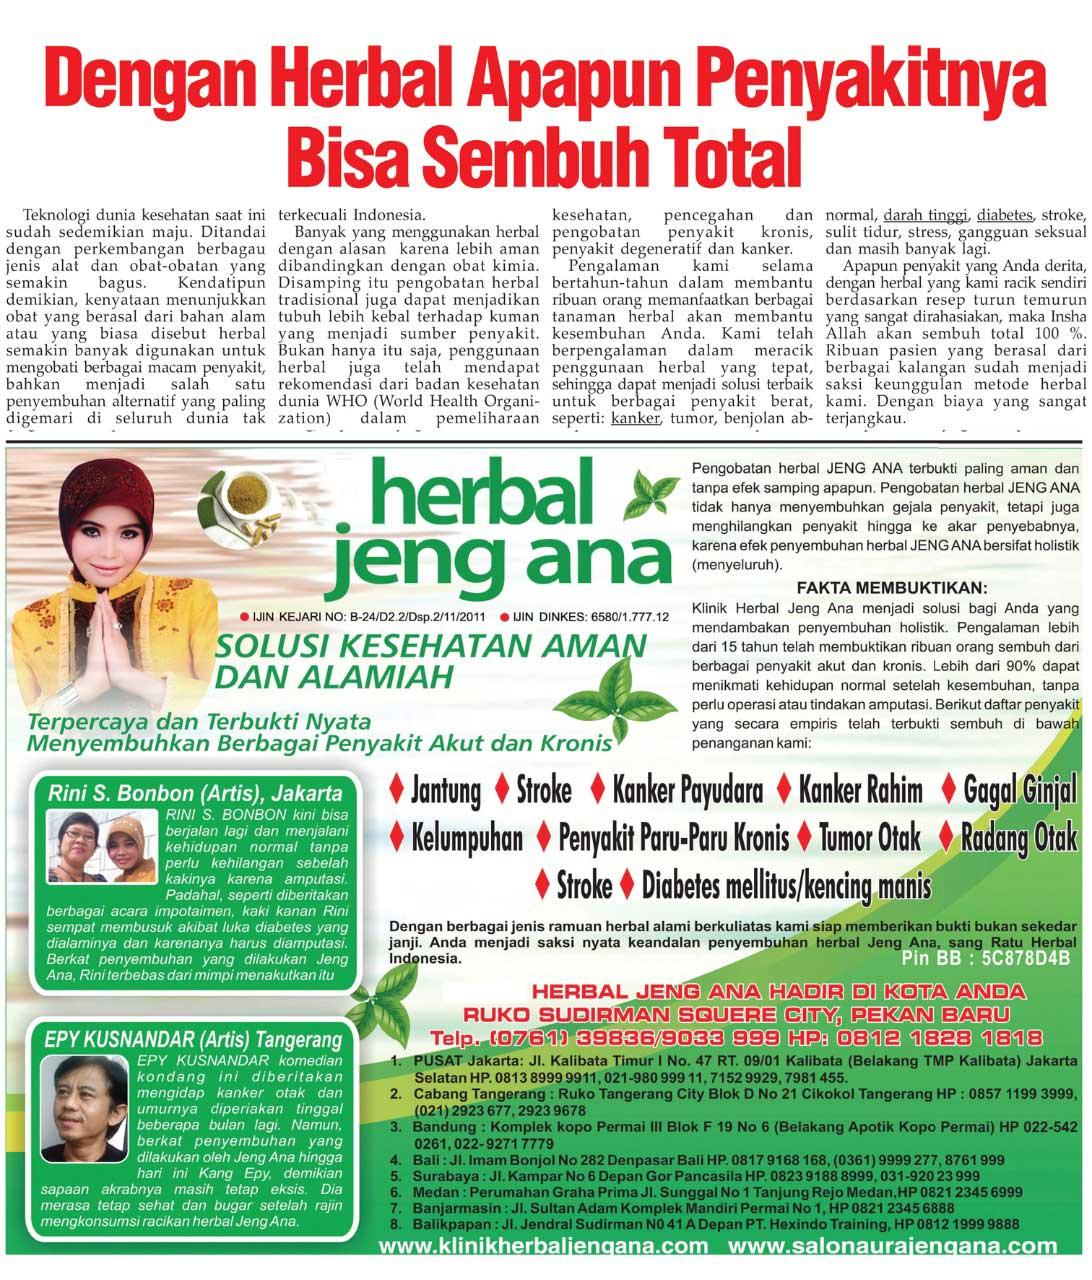 herbal - Jeng ana